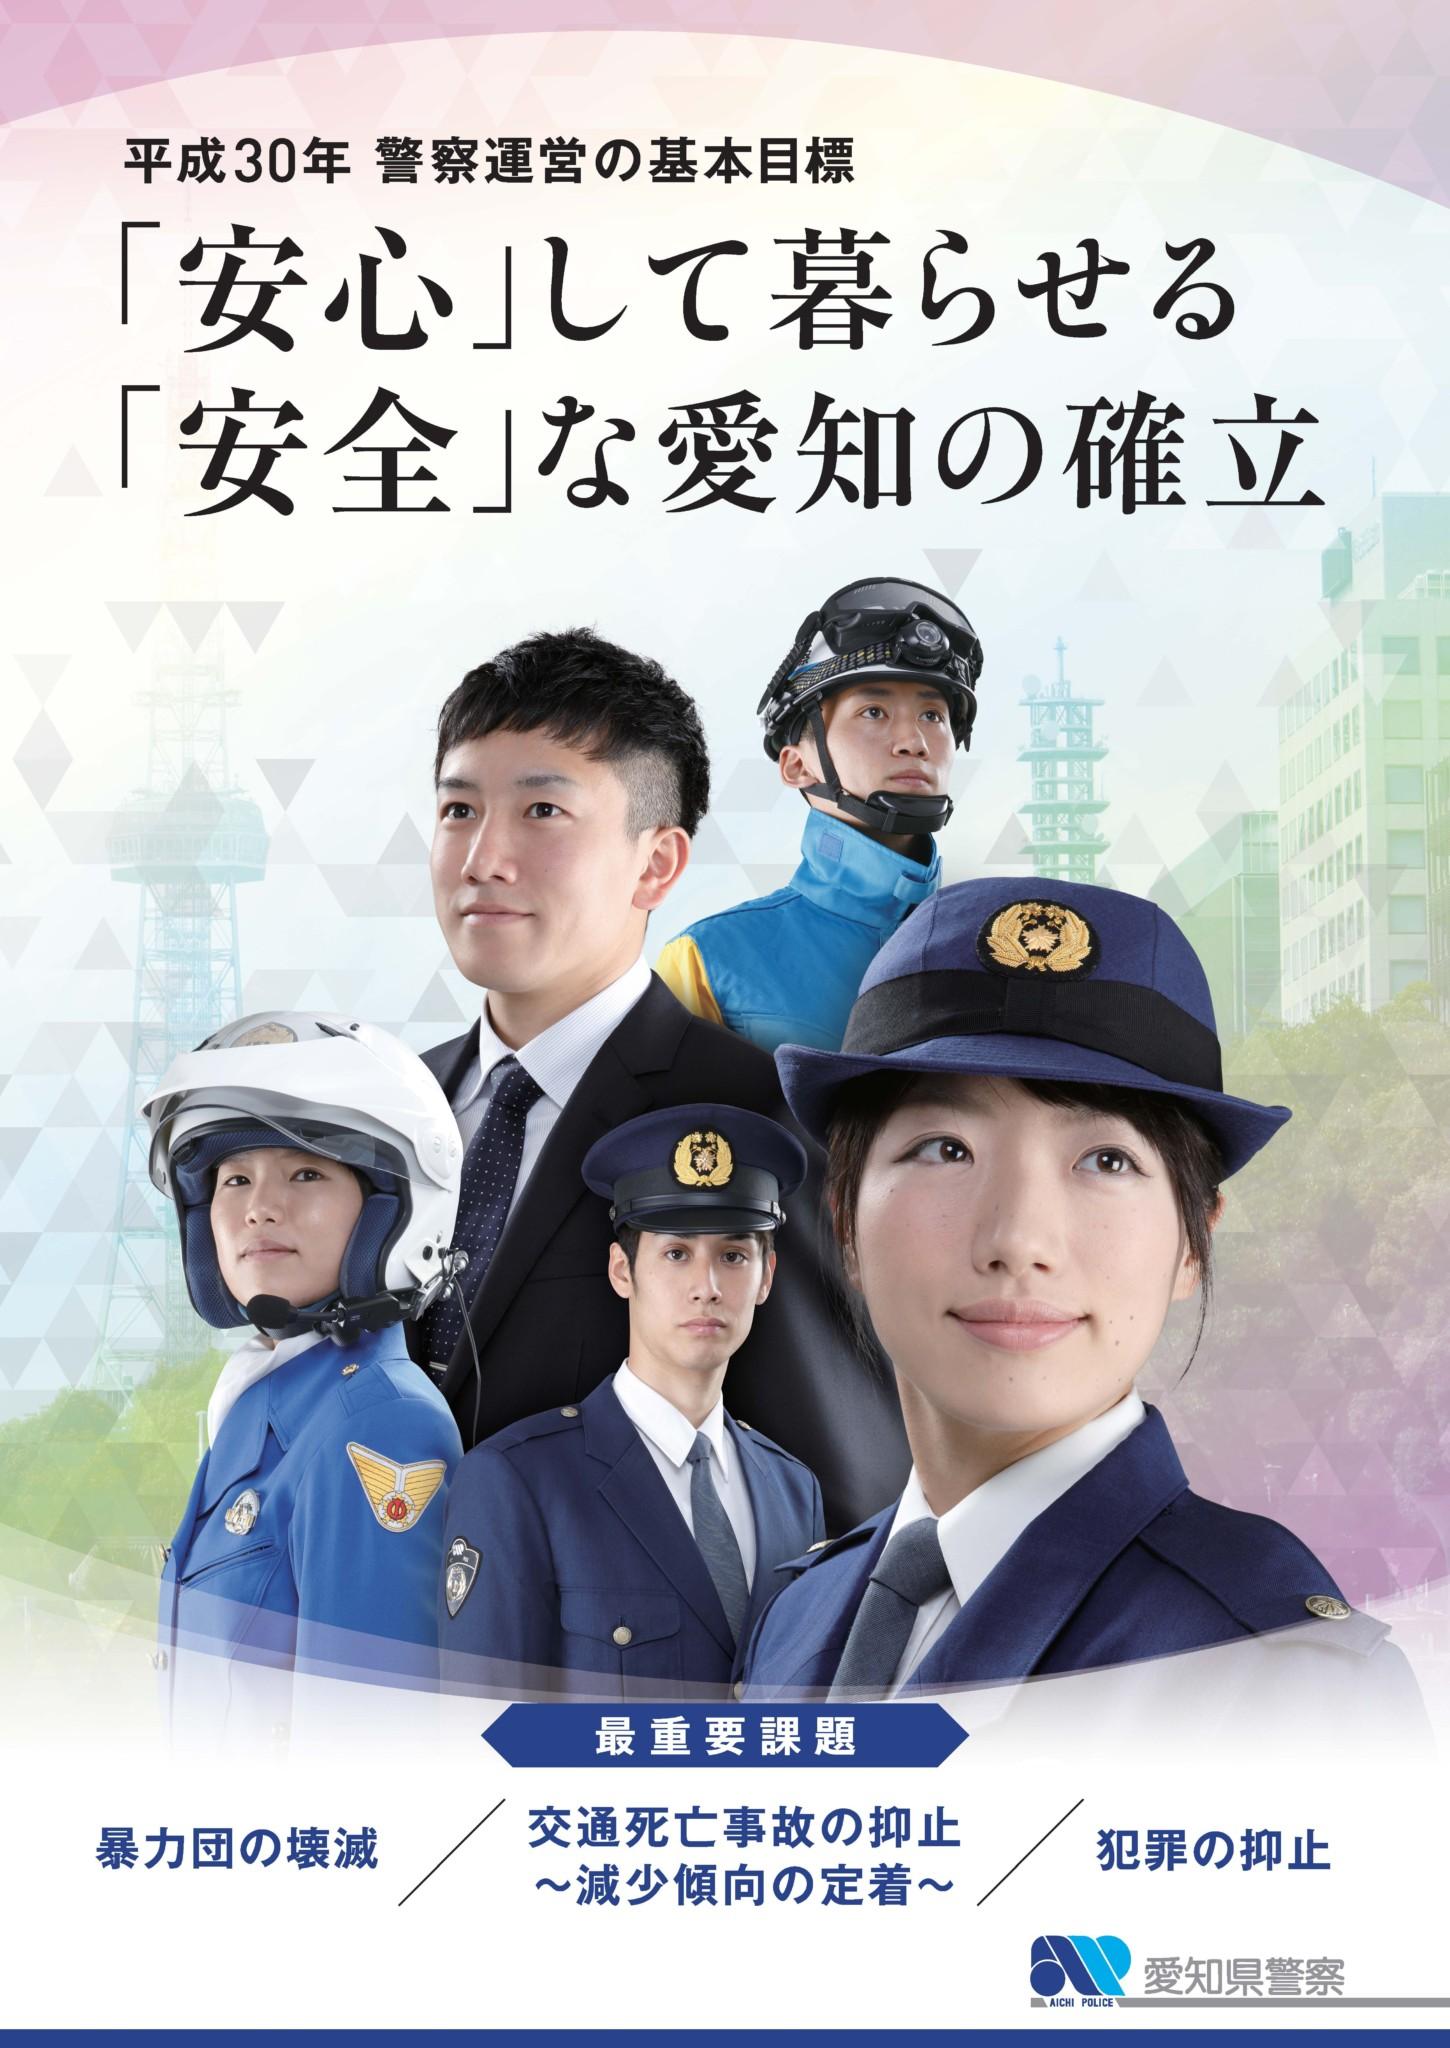 愛知 県警 美人 巡査 長